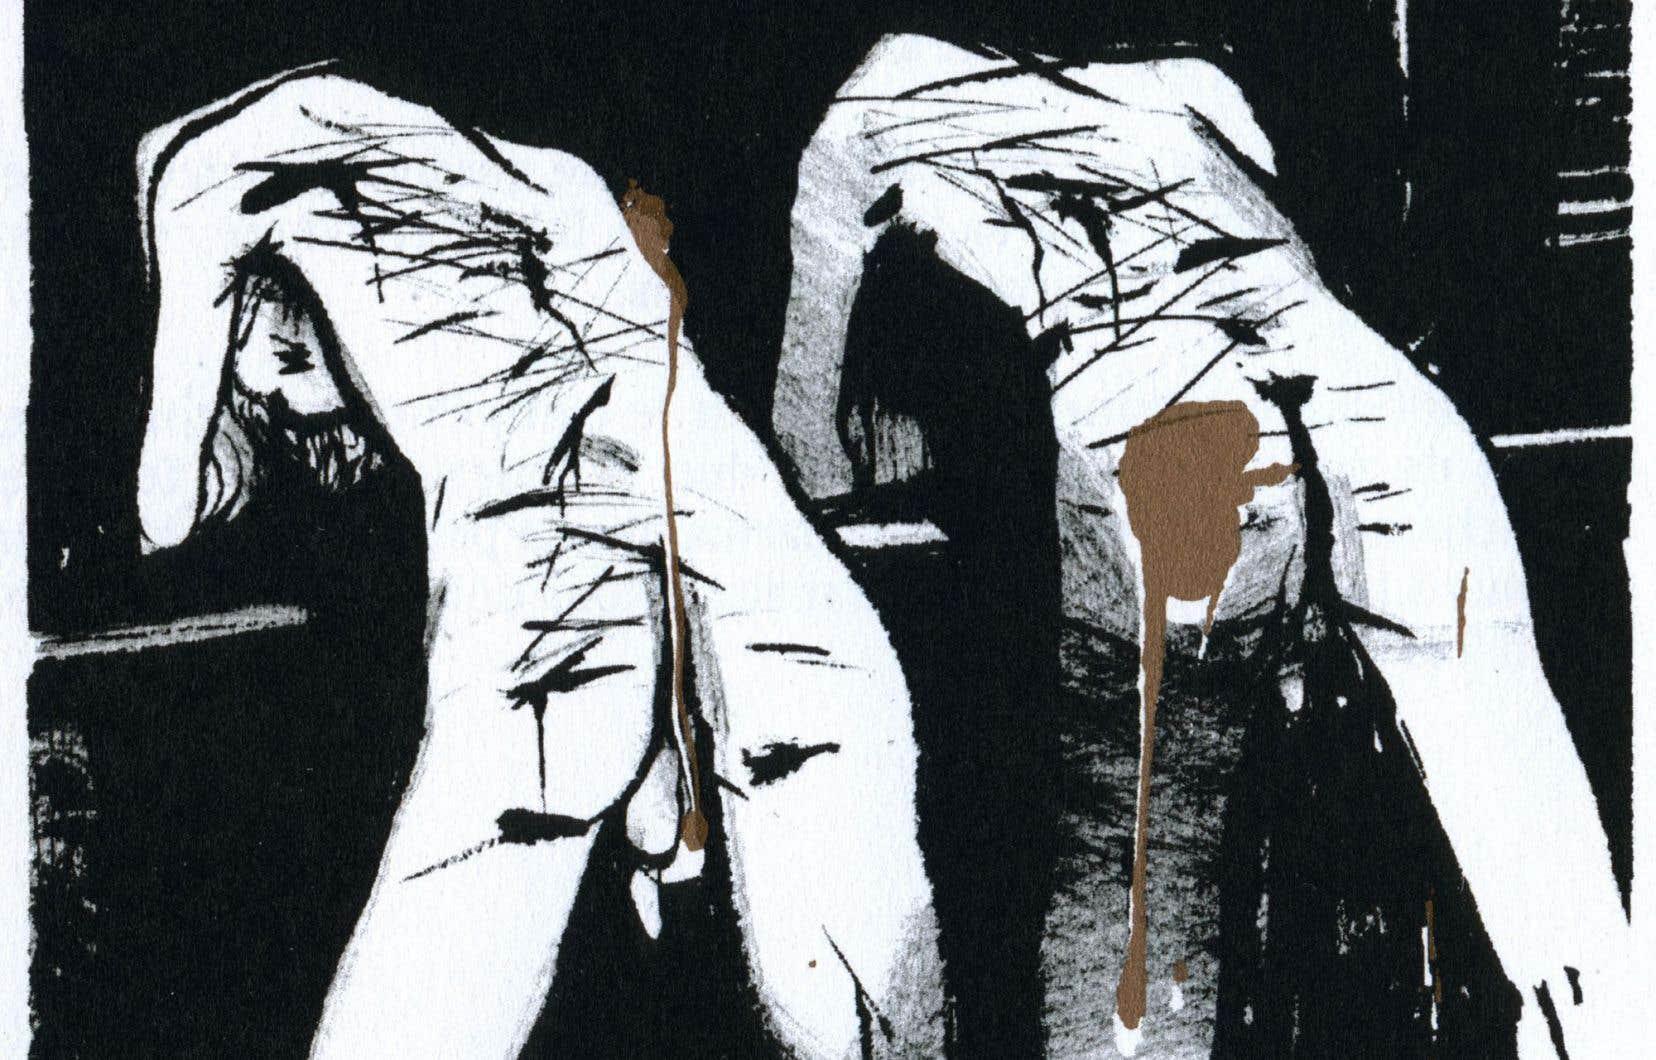 L'œuvre atypique est illustrée par les encres de Mivil Deschênes.